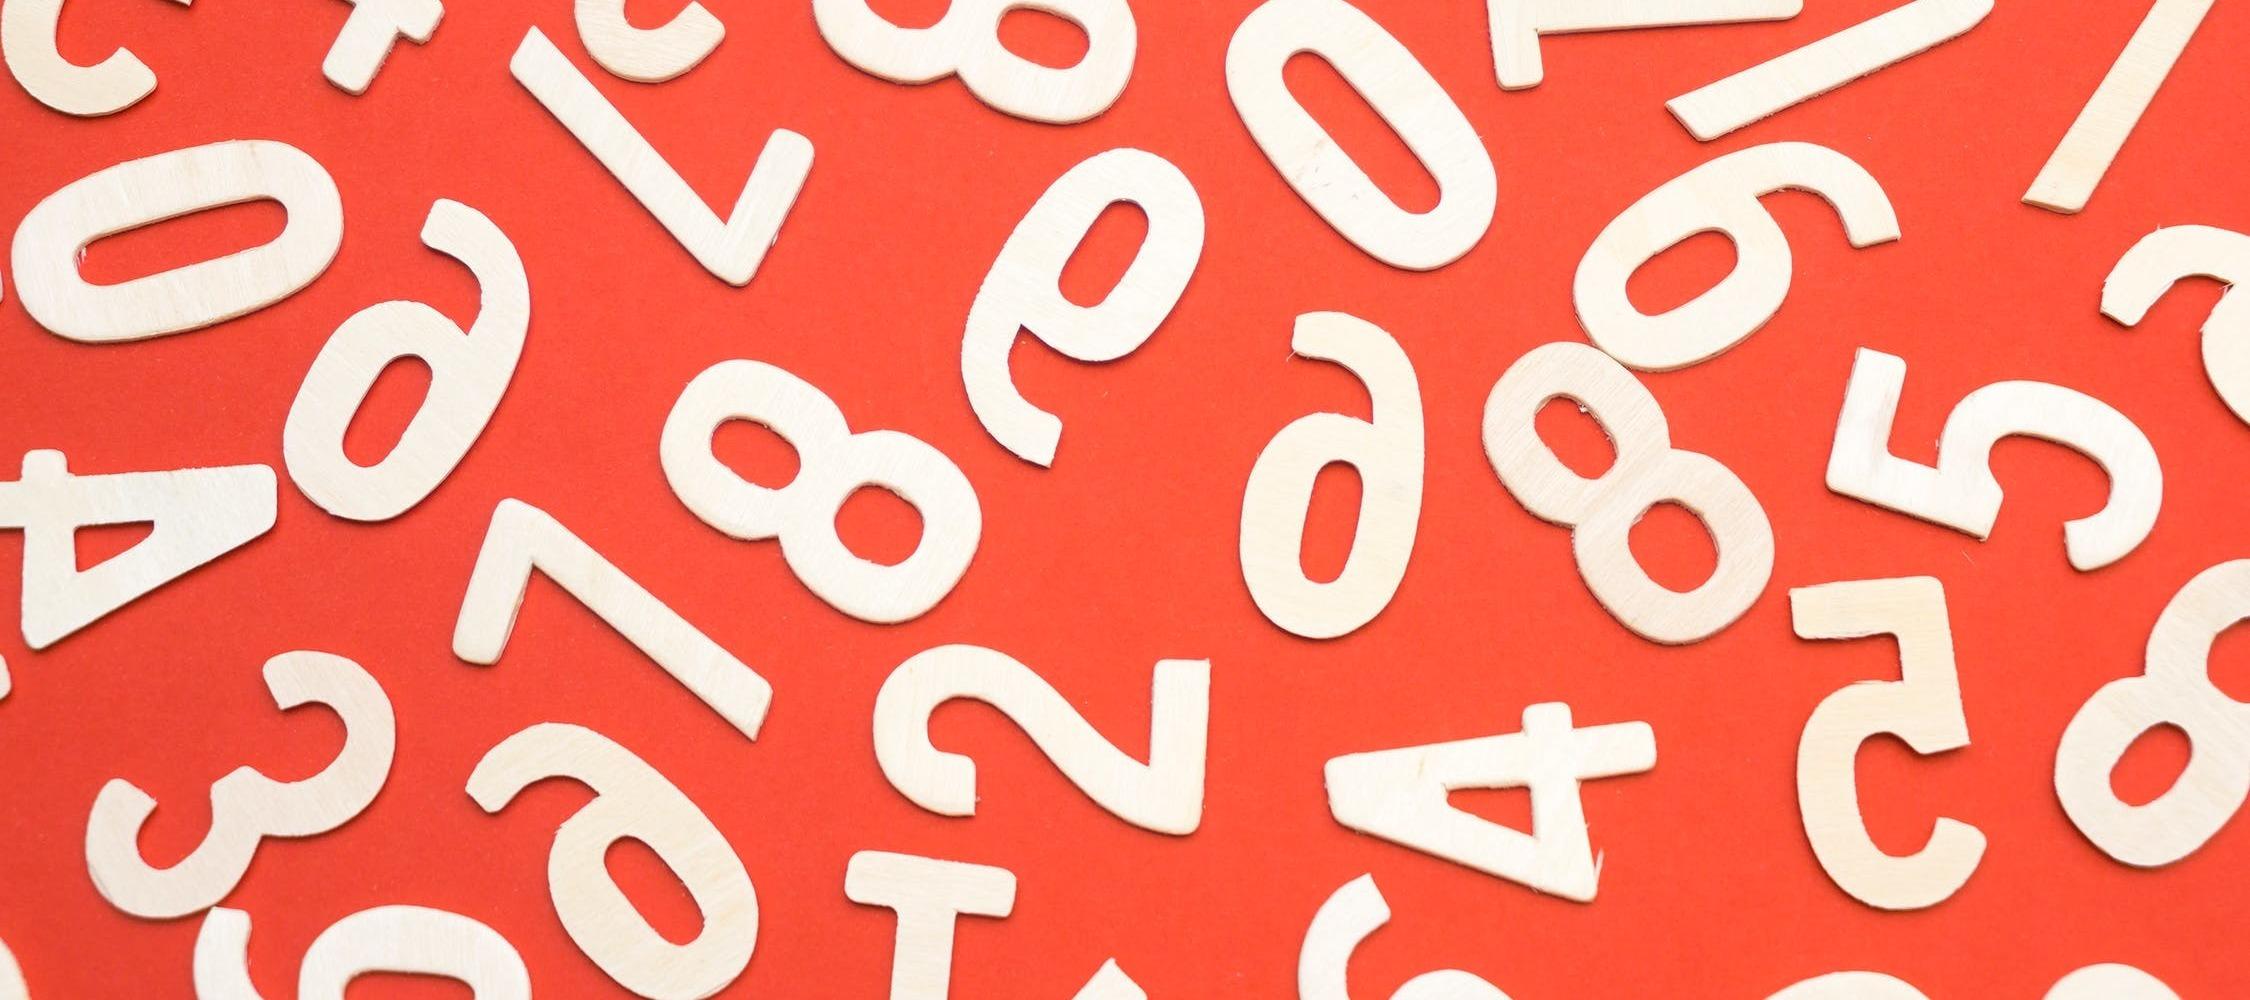 Bitte wählt per Zufall eine Zahl zwischen 1 und 10